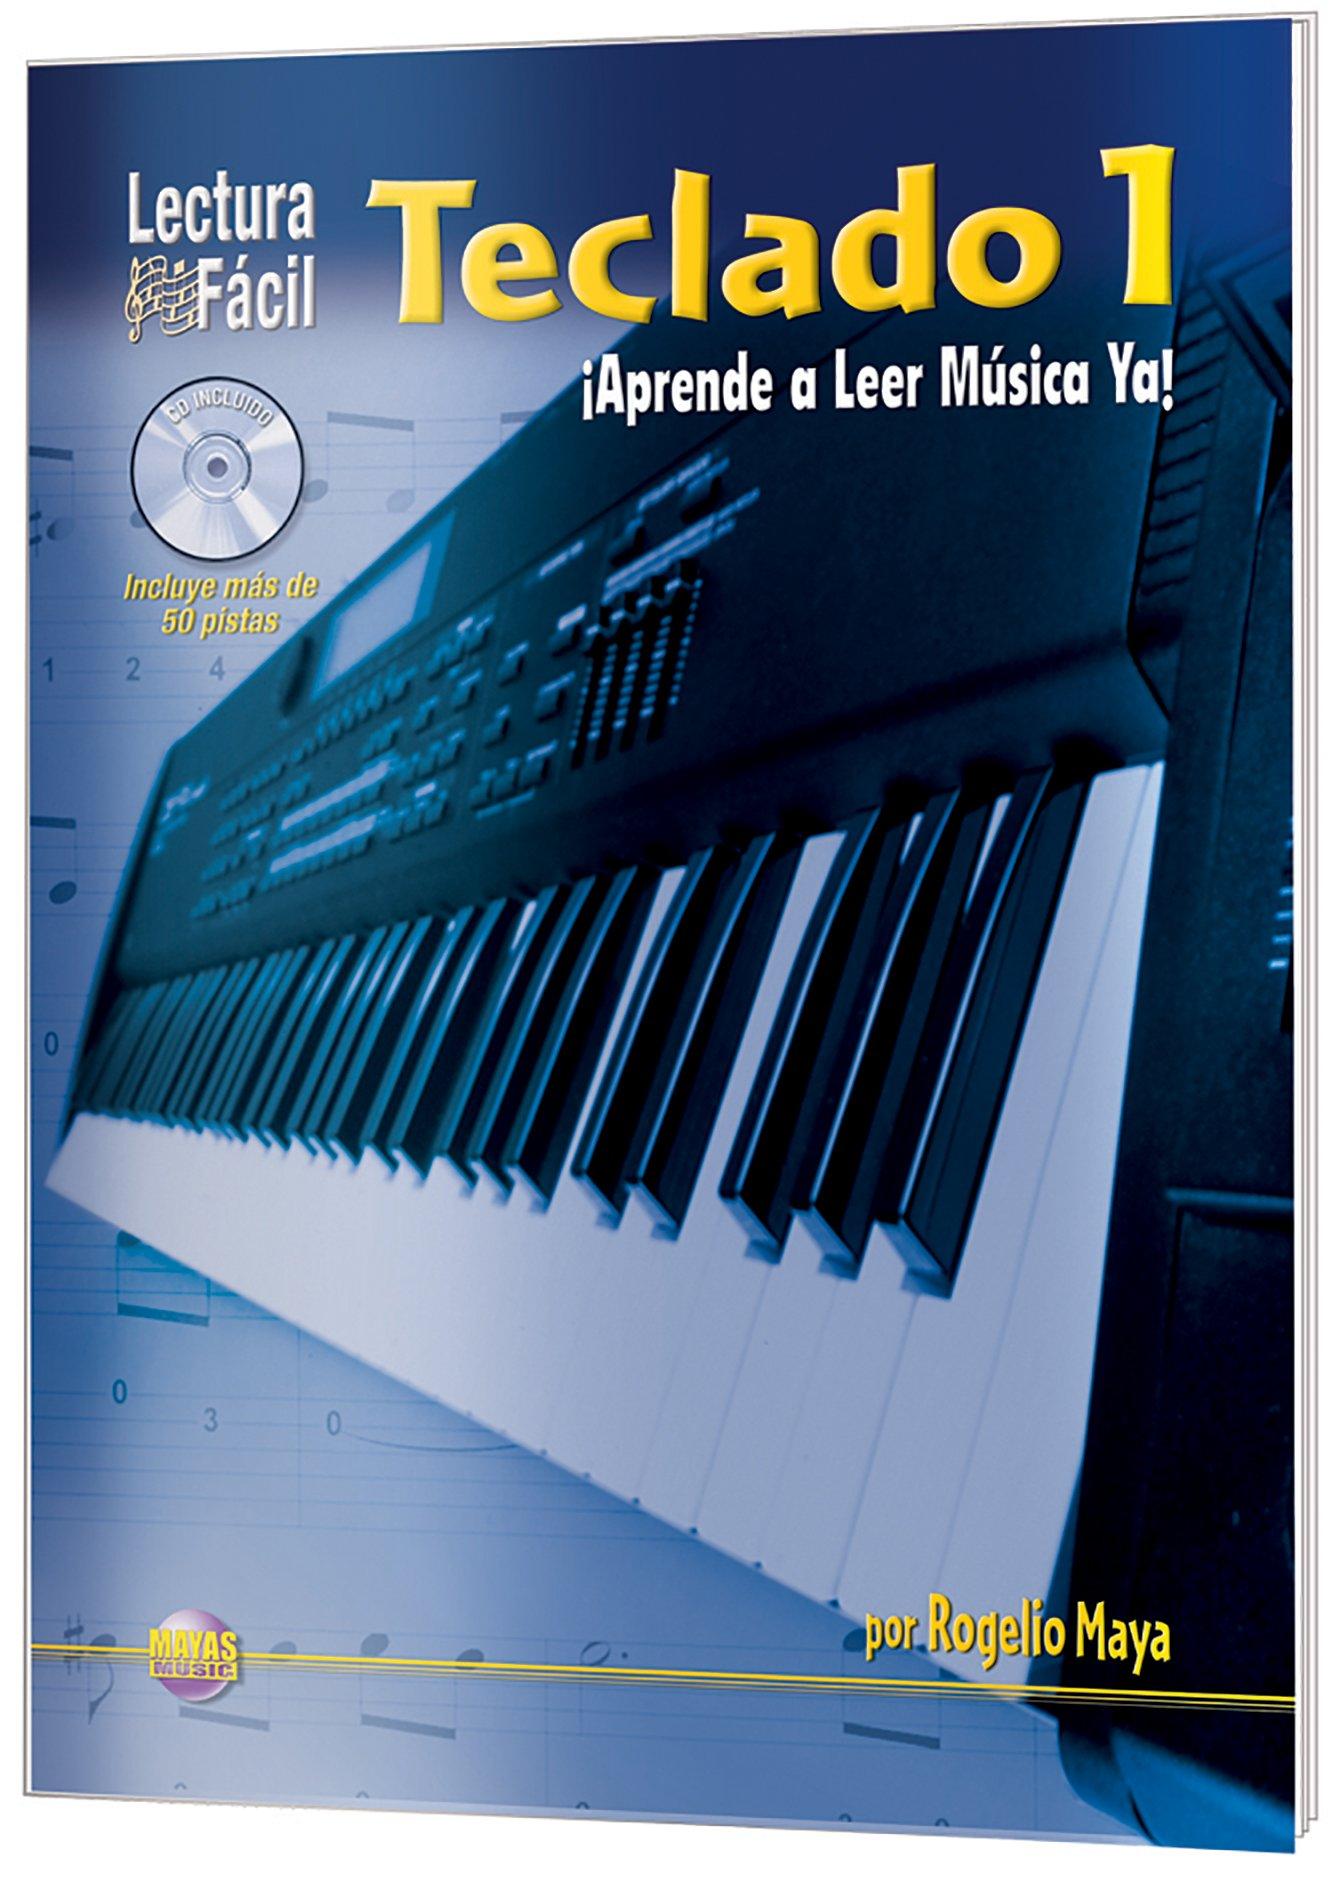 Lectura Fácil -- Teclado, Vol 1: Aprende a Leer Música Ya ...